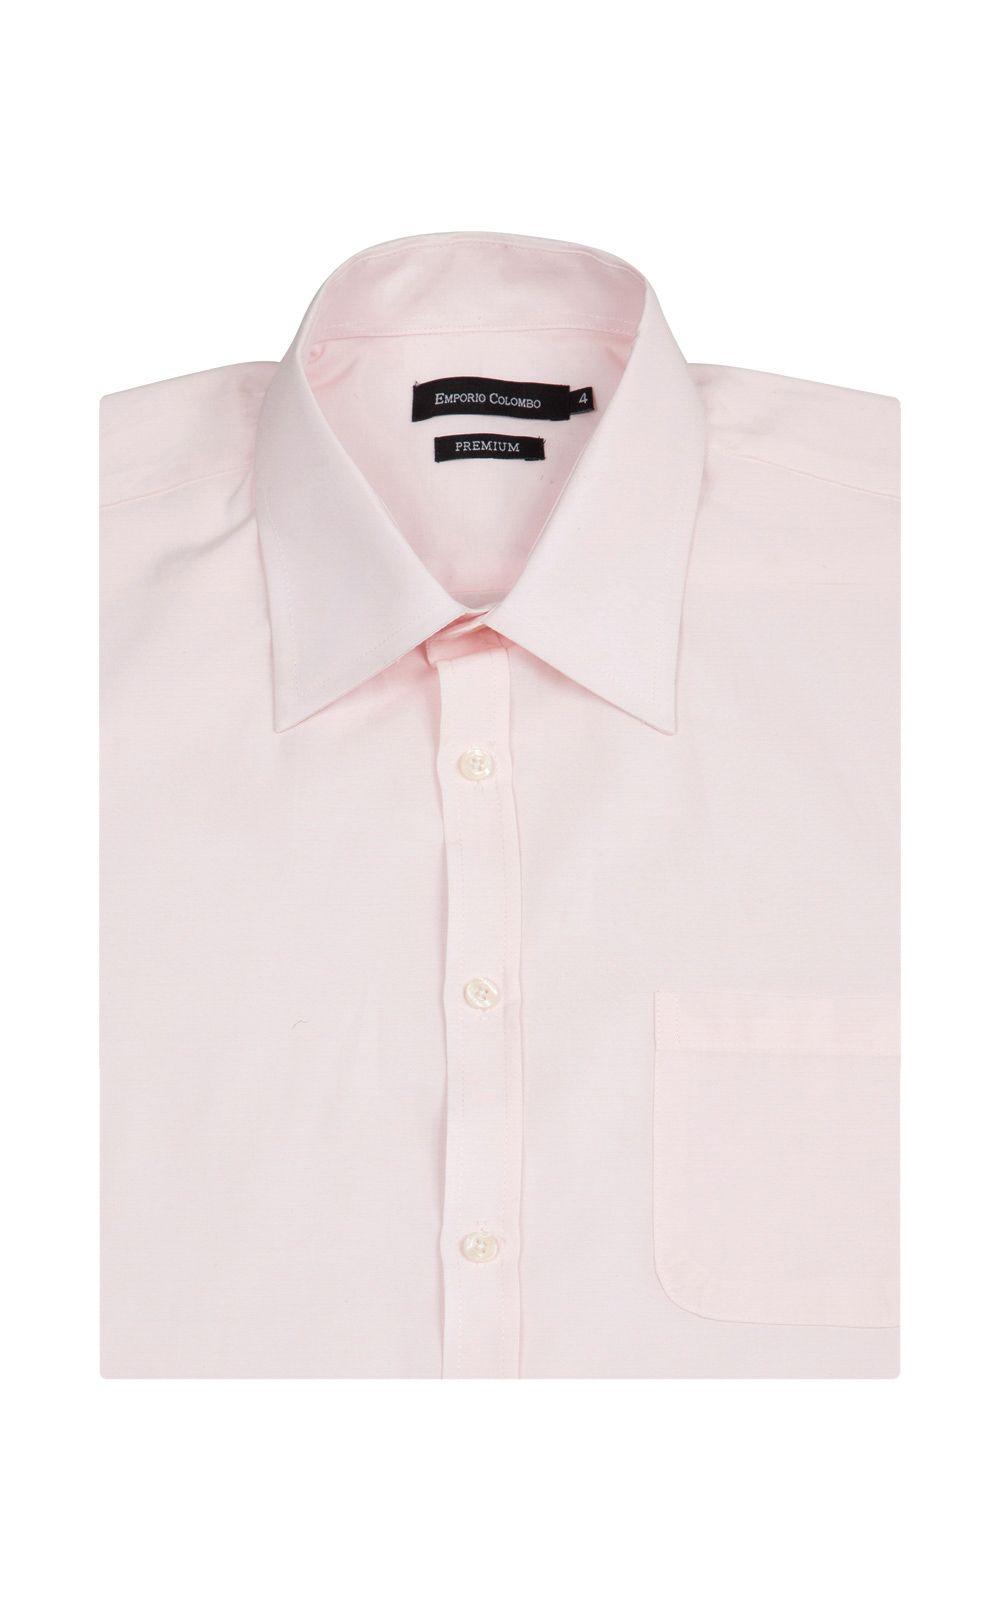 Foto 3 - Camisa Social Masculina Rosa Lisa